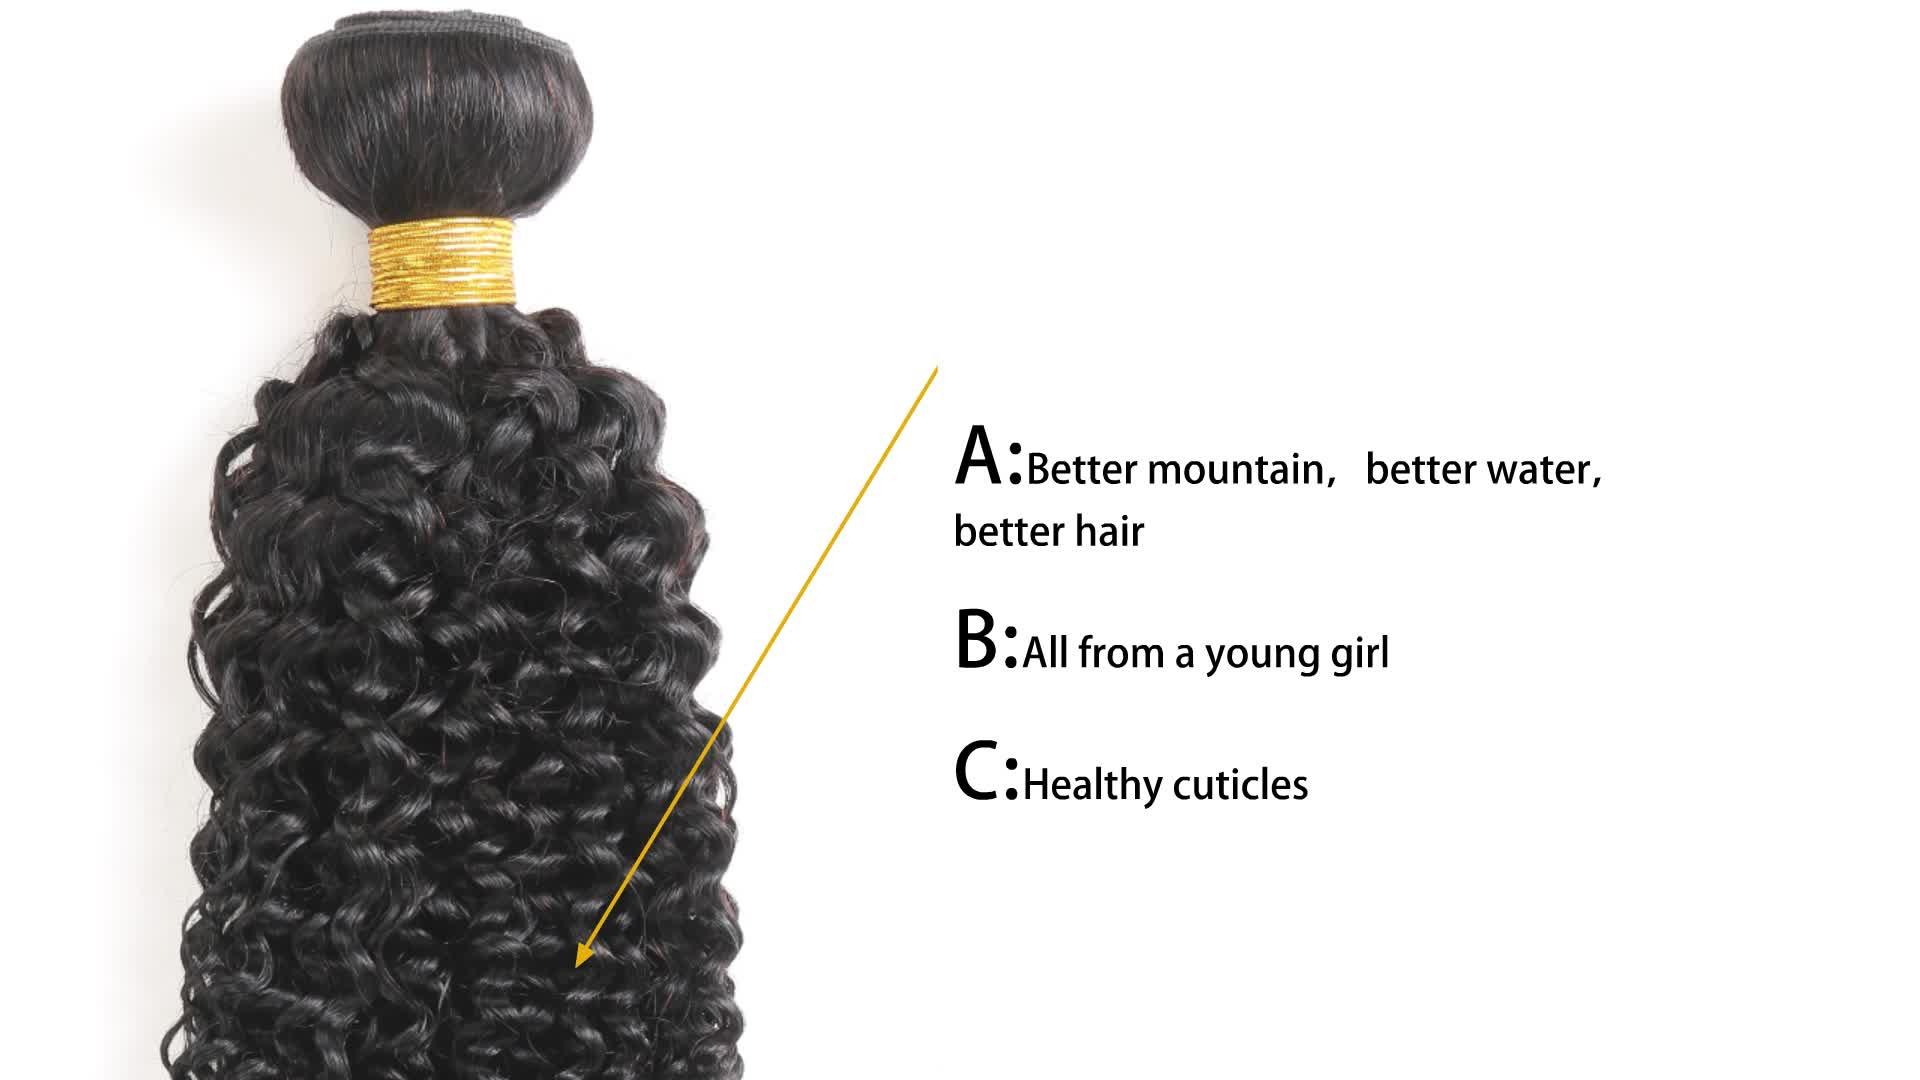 ของคุณเองยี่ห้อชื่อมนุษย์ผลิตภัณฑ์ขายส่ง 100% บราซิล Virgin Dropship Dropshipping Hair Extension